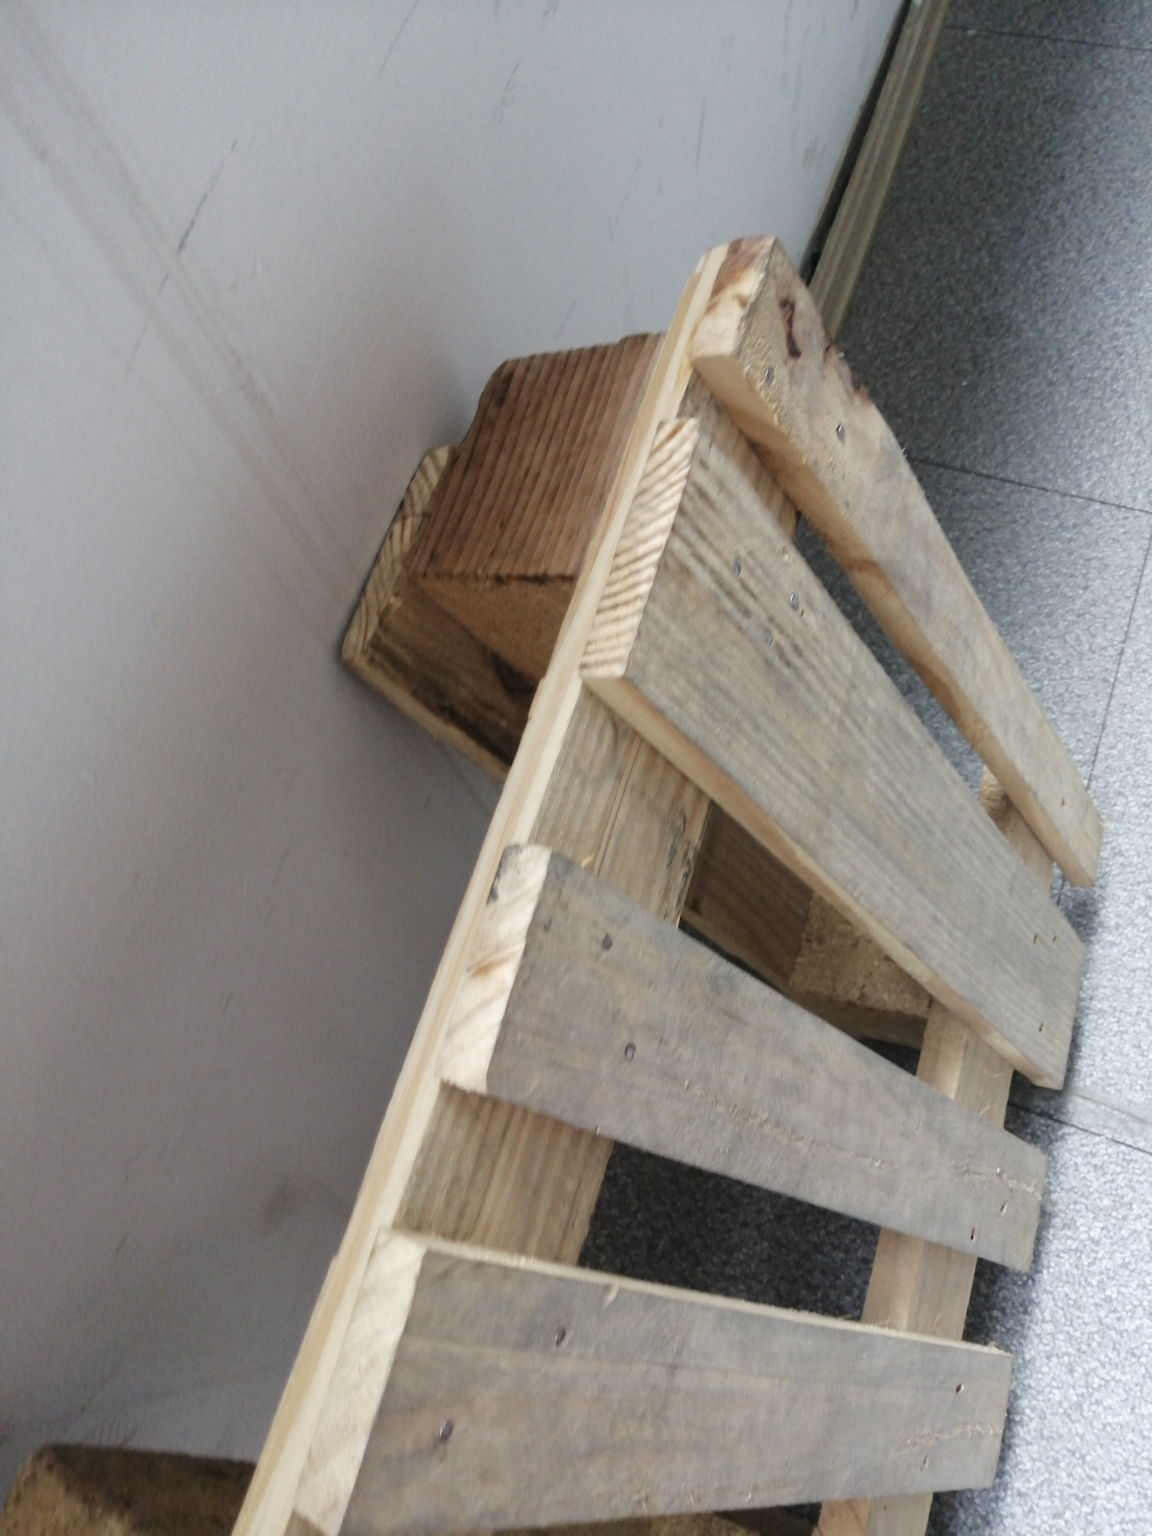 ...物流仓储标准木托盘批发、促销价??,▥♠▆➳、产地货源